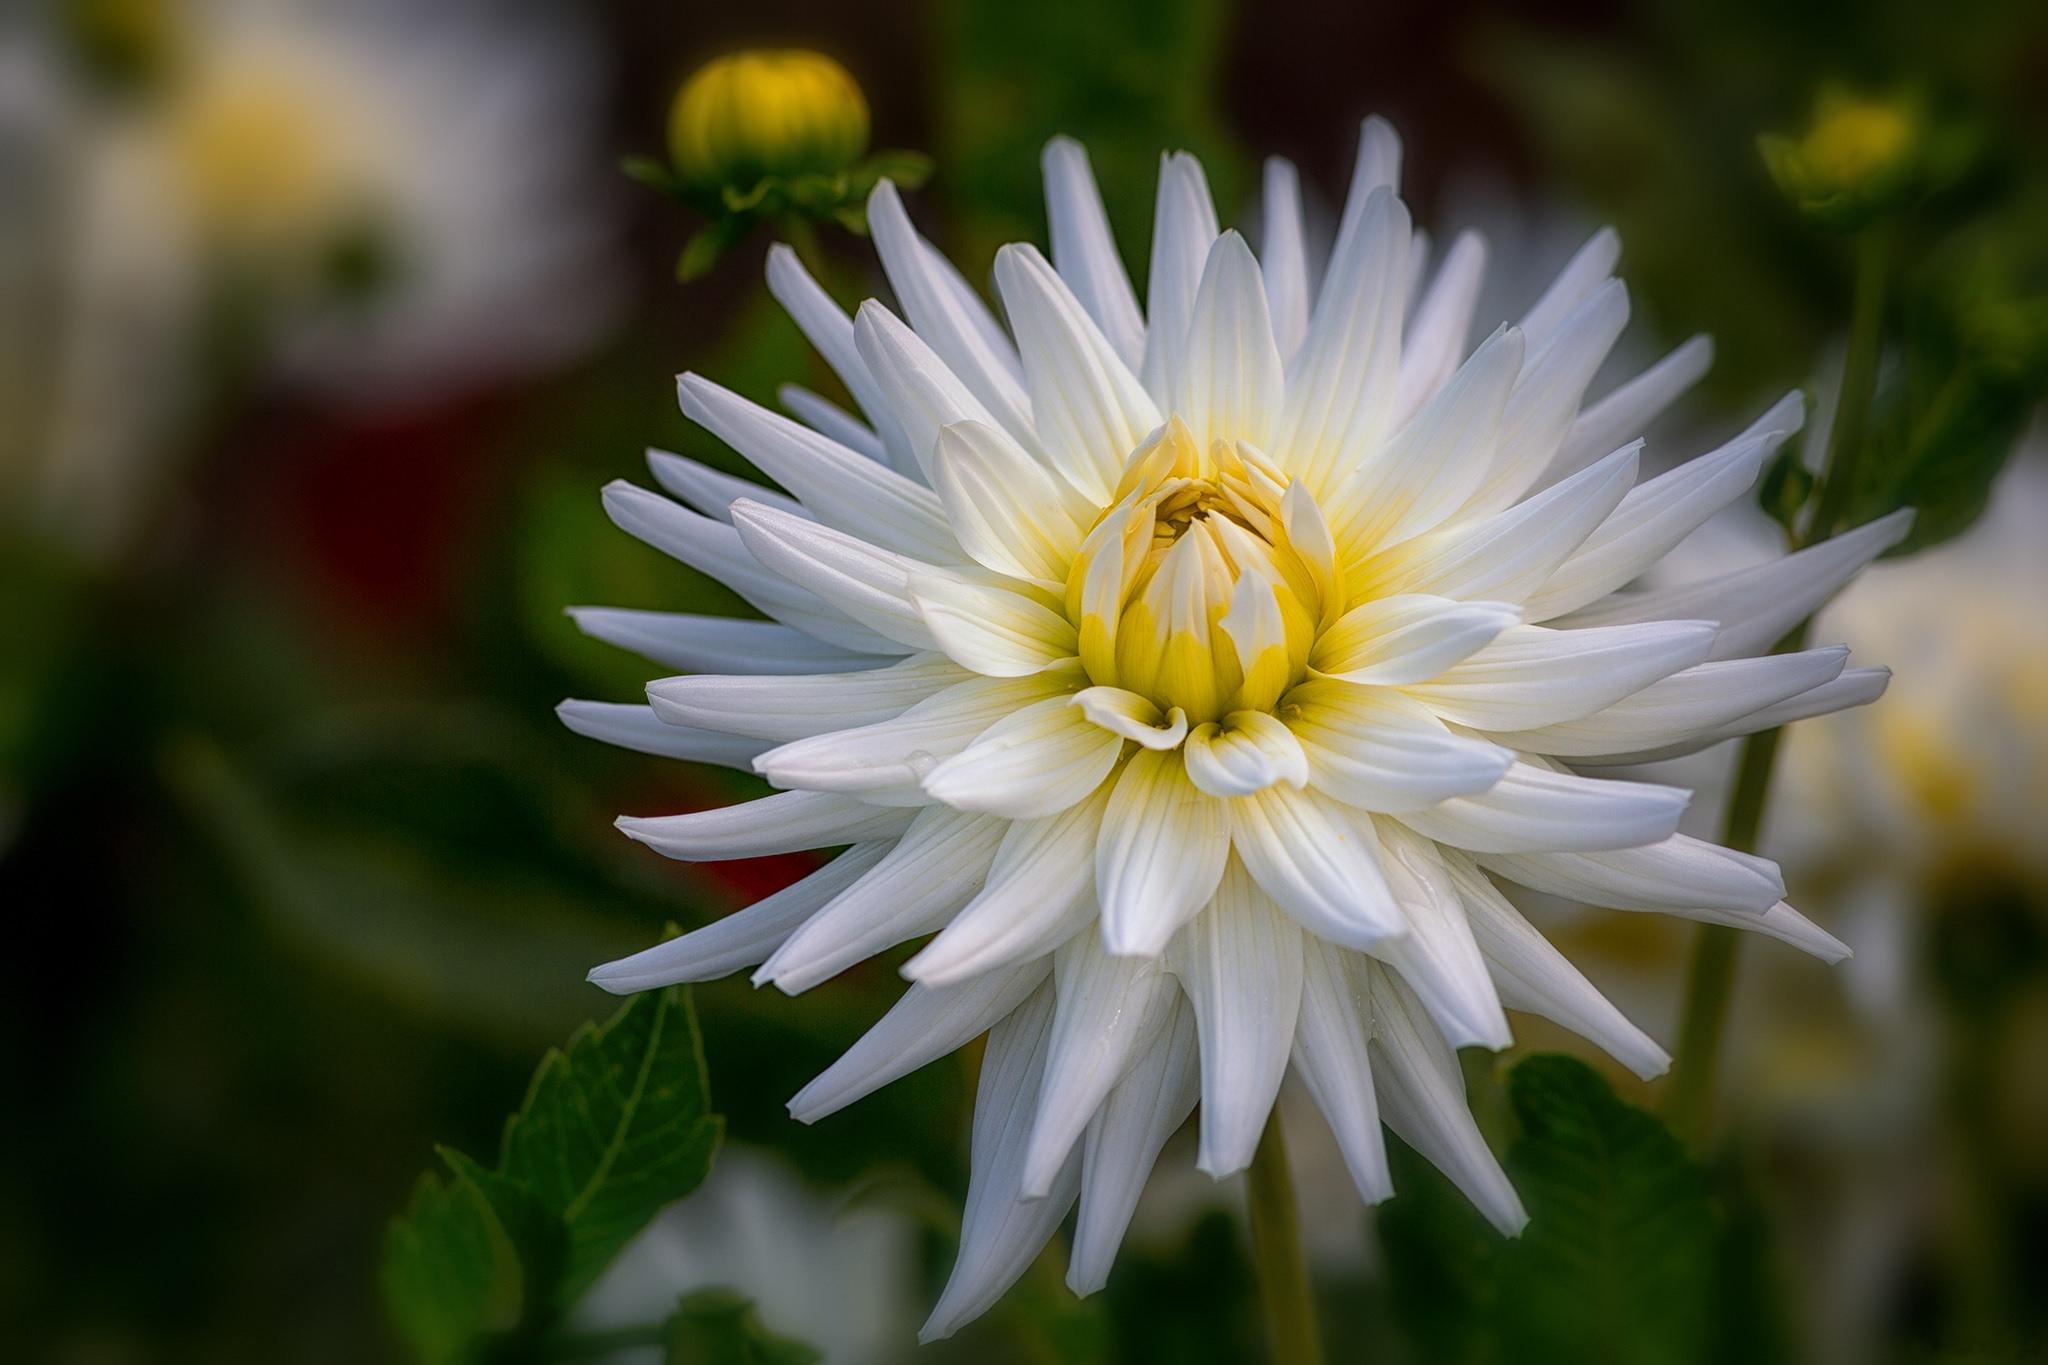 георгин, цветок, флора